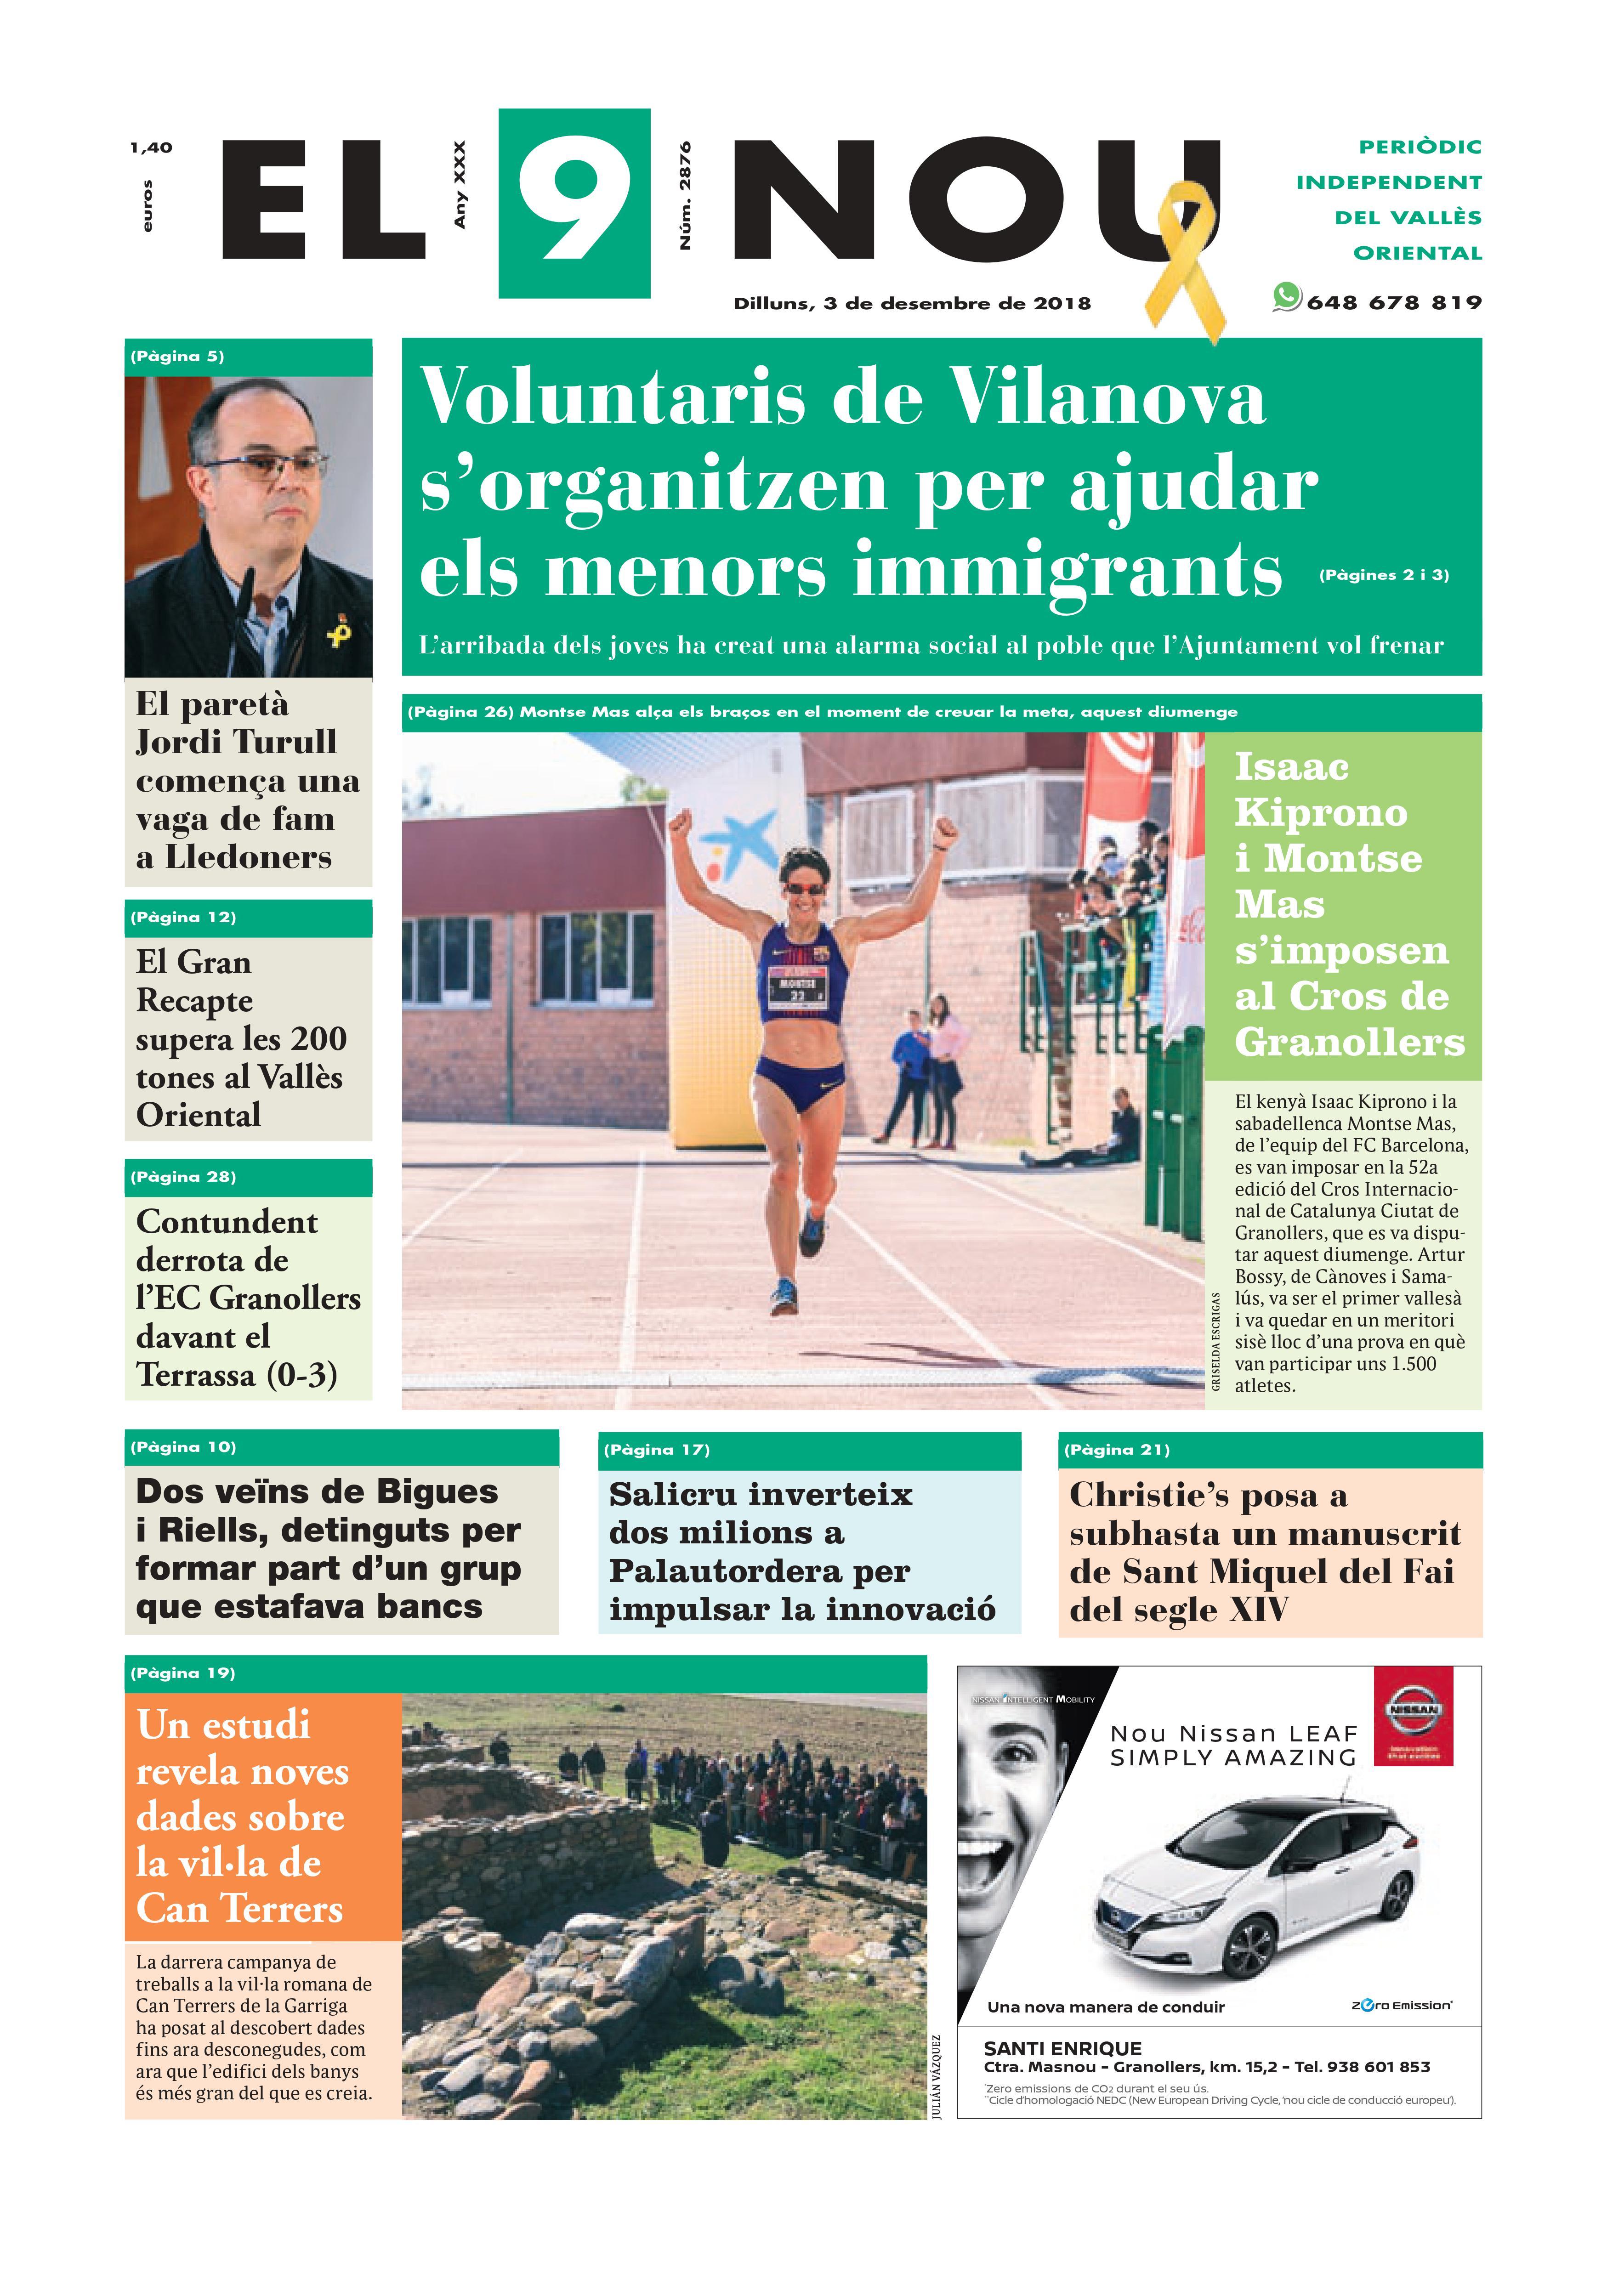 Primera Plana EL 9 NOU 03_12_18 Vallès